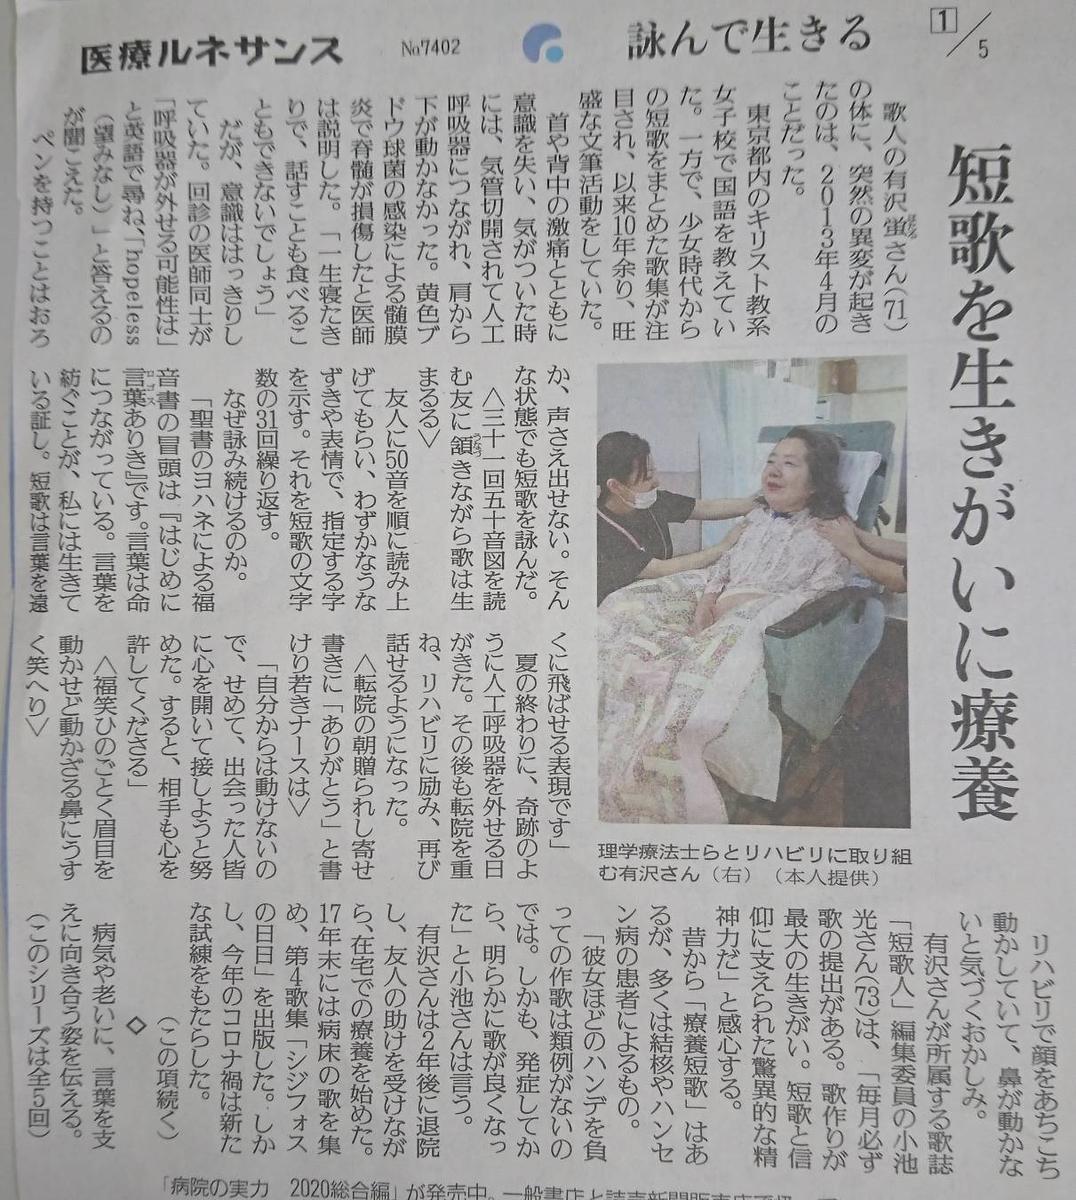 f:id:kazura-kobayashi:20201213085359j:plain